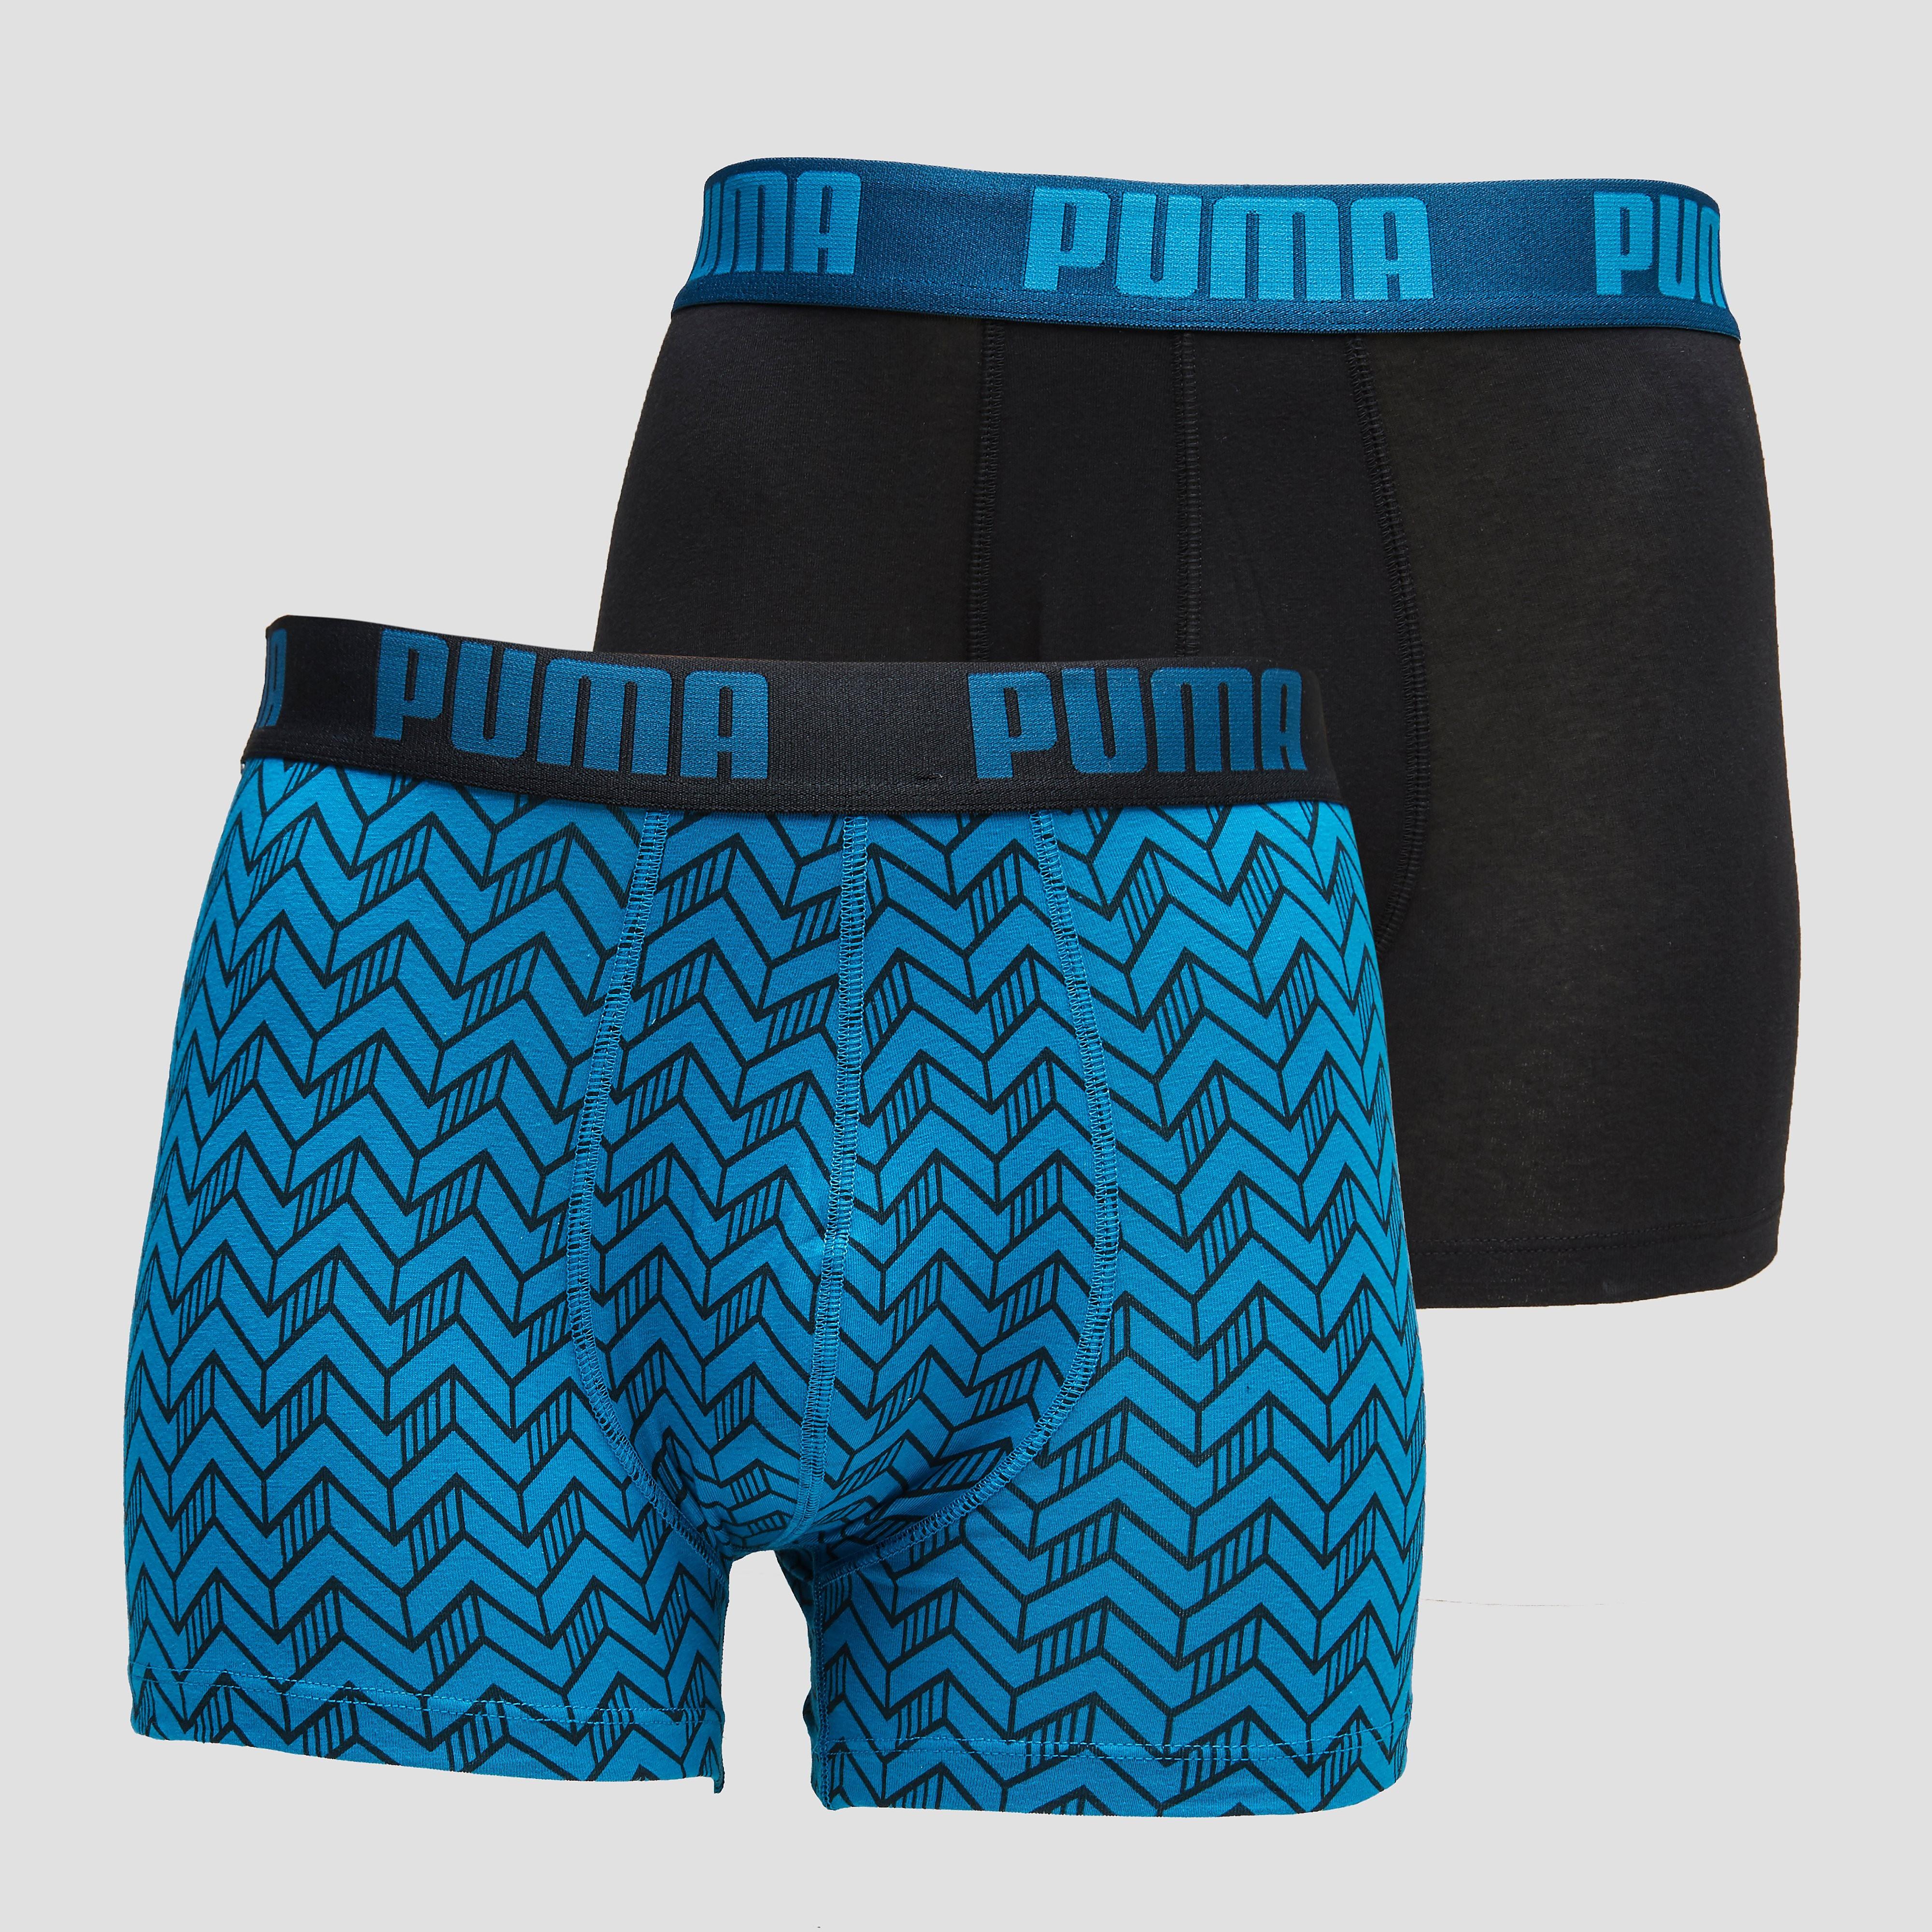 PUMA GRAPHIC PRINT BOXER BLAUW/ZWART HEREN